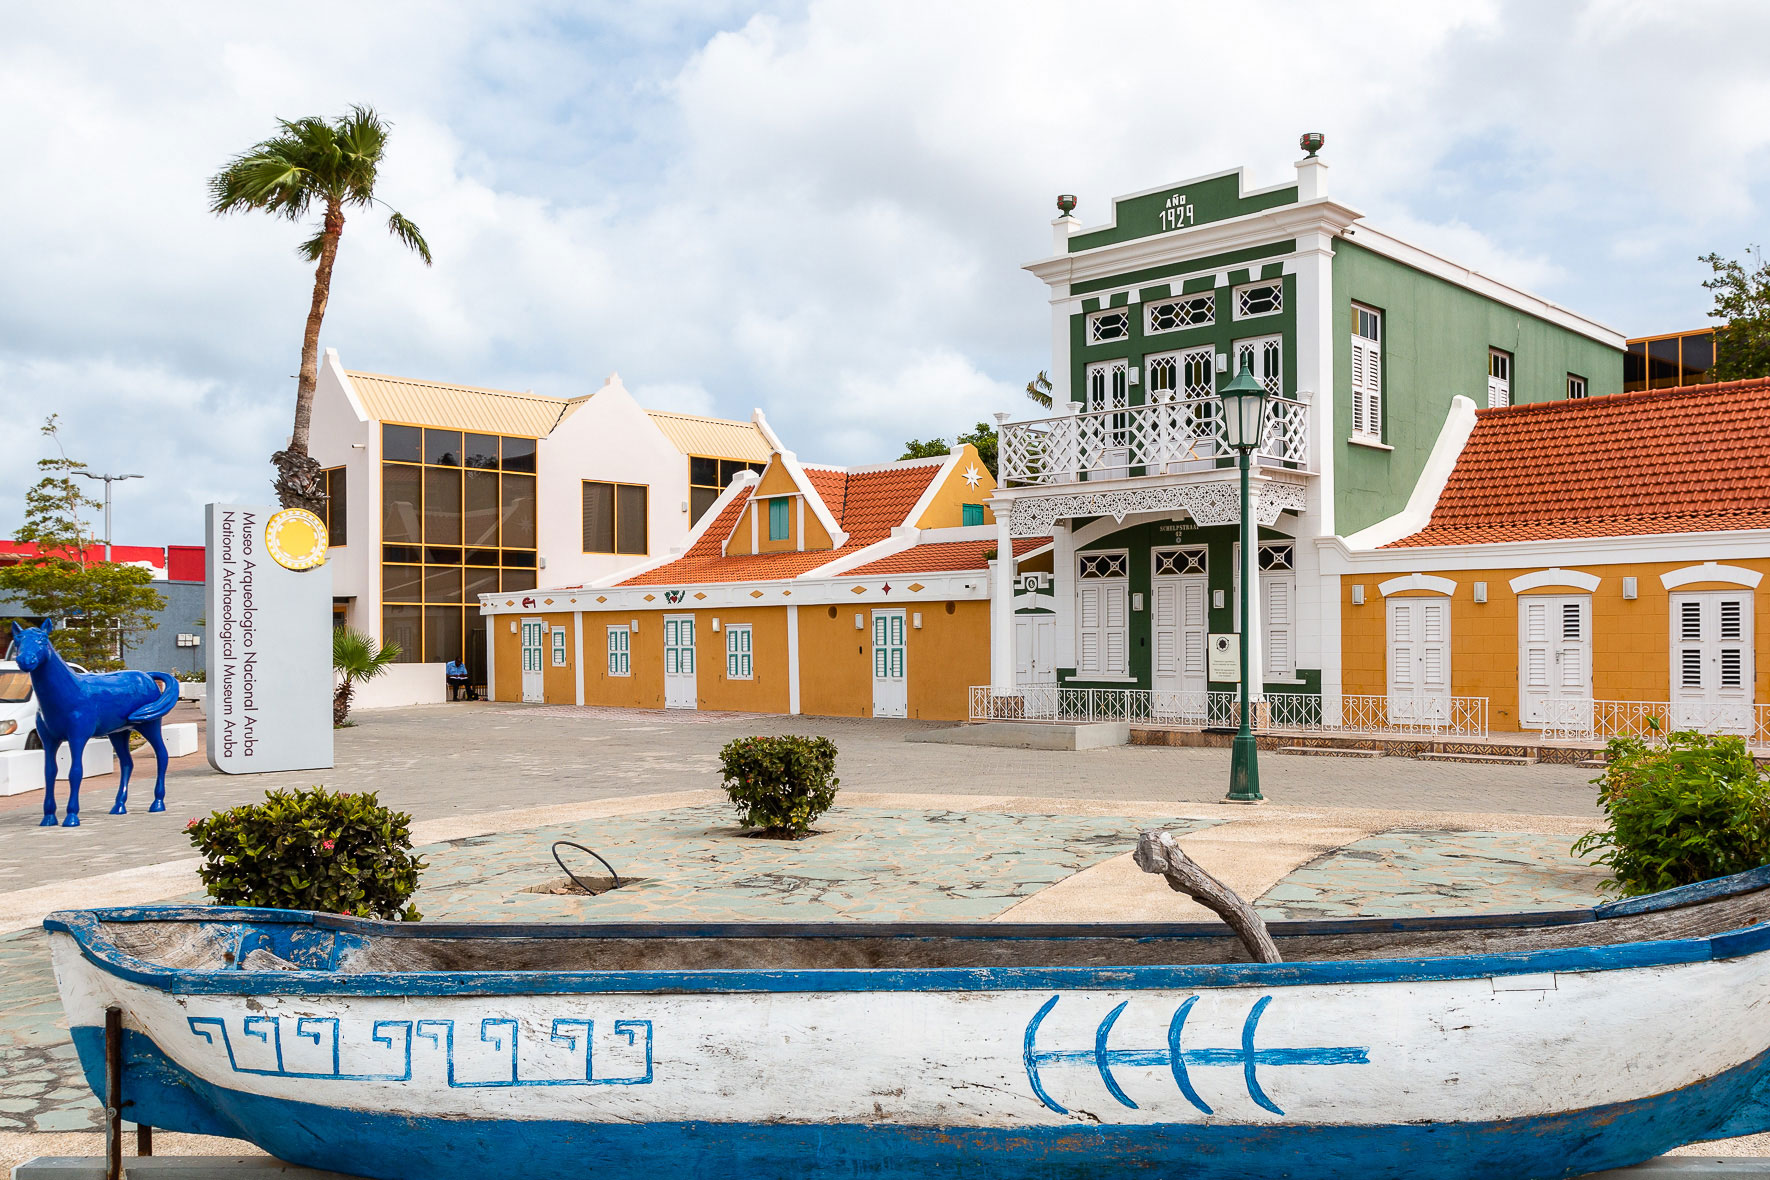 Archöologisches Museum Oranjestad, Aruba